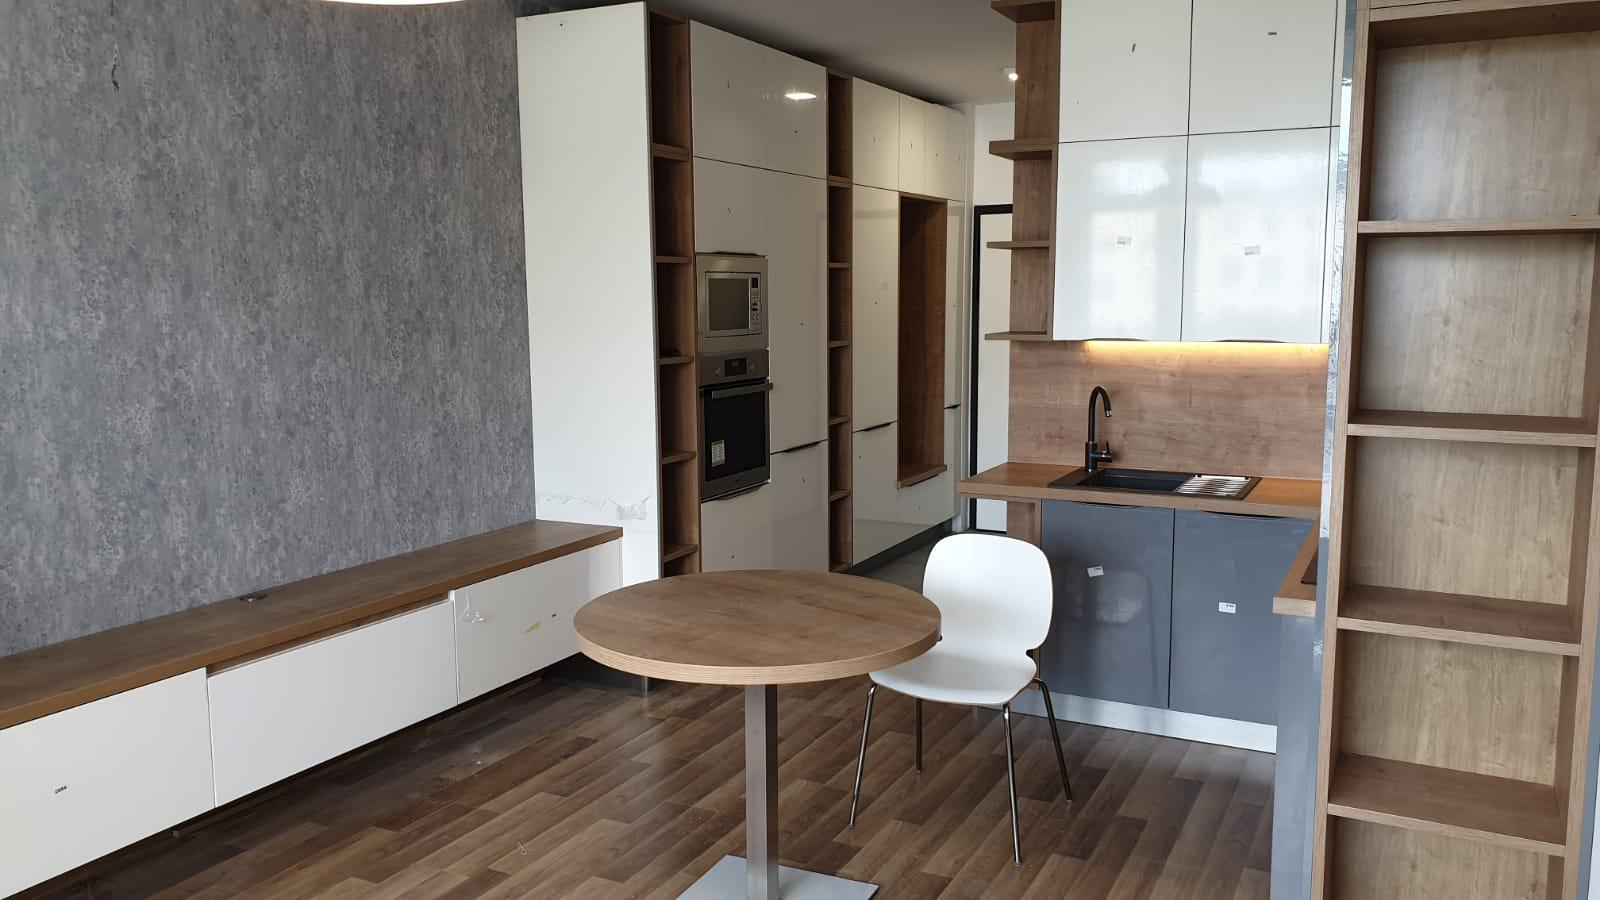 Kuchyňa GALA + CORA - Obrázok č. 2